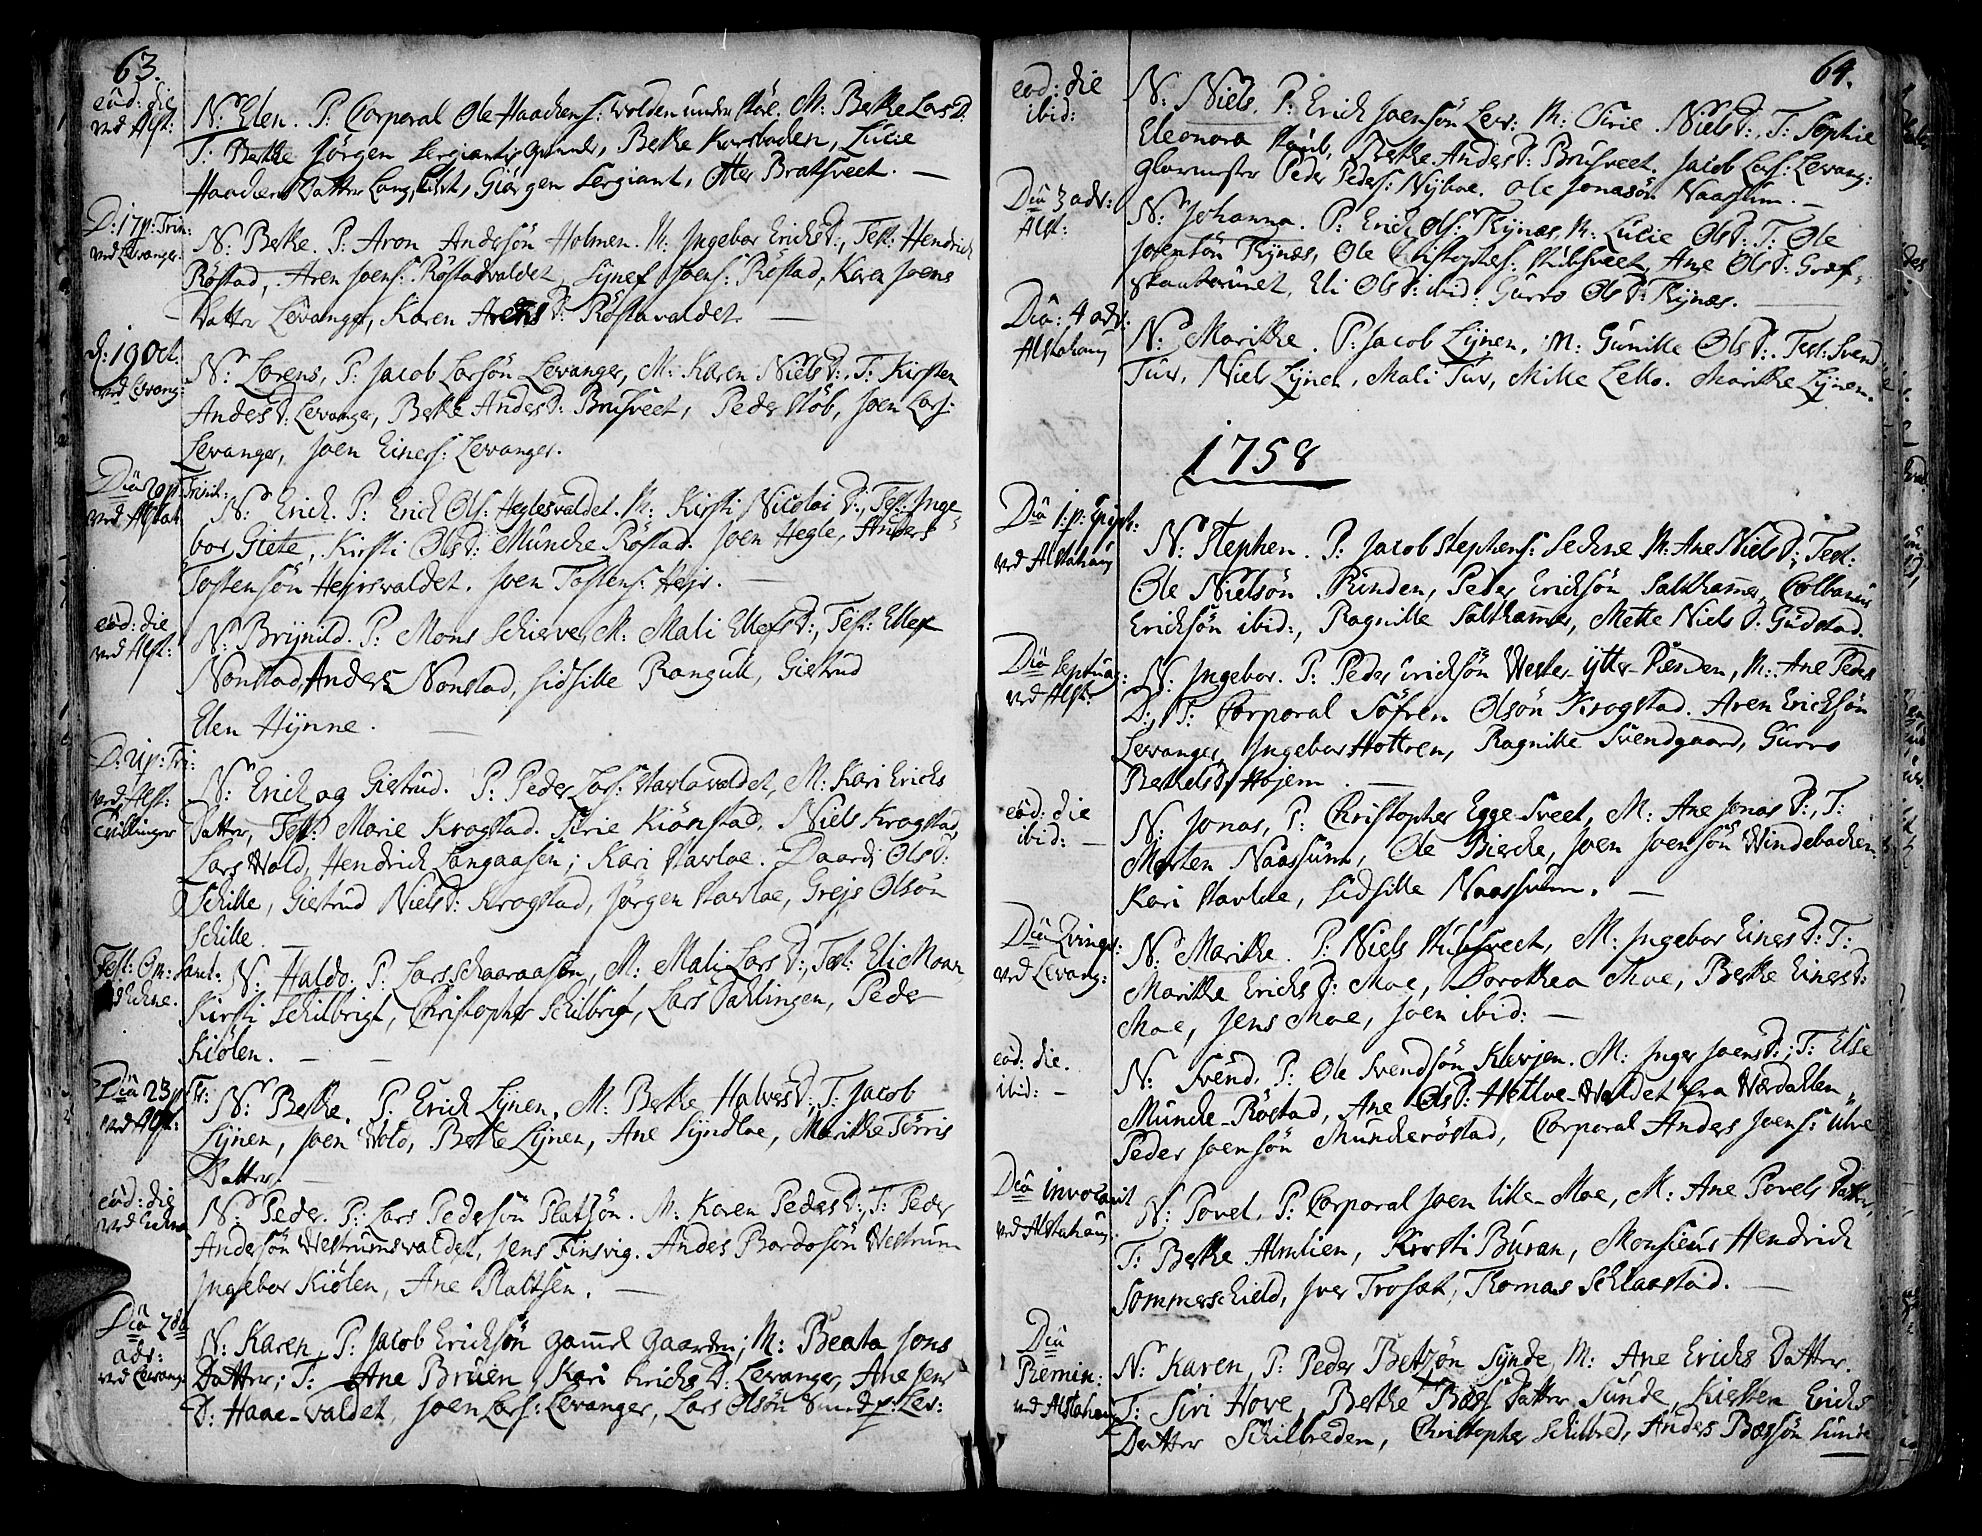 SAT, Ministerialprotokoller, klokkerbøker og fødselsregistre - Nord-Trøndelag, 717/L0141: Ministerialbok nr. 717A01, 1747-1803, s. 63-64